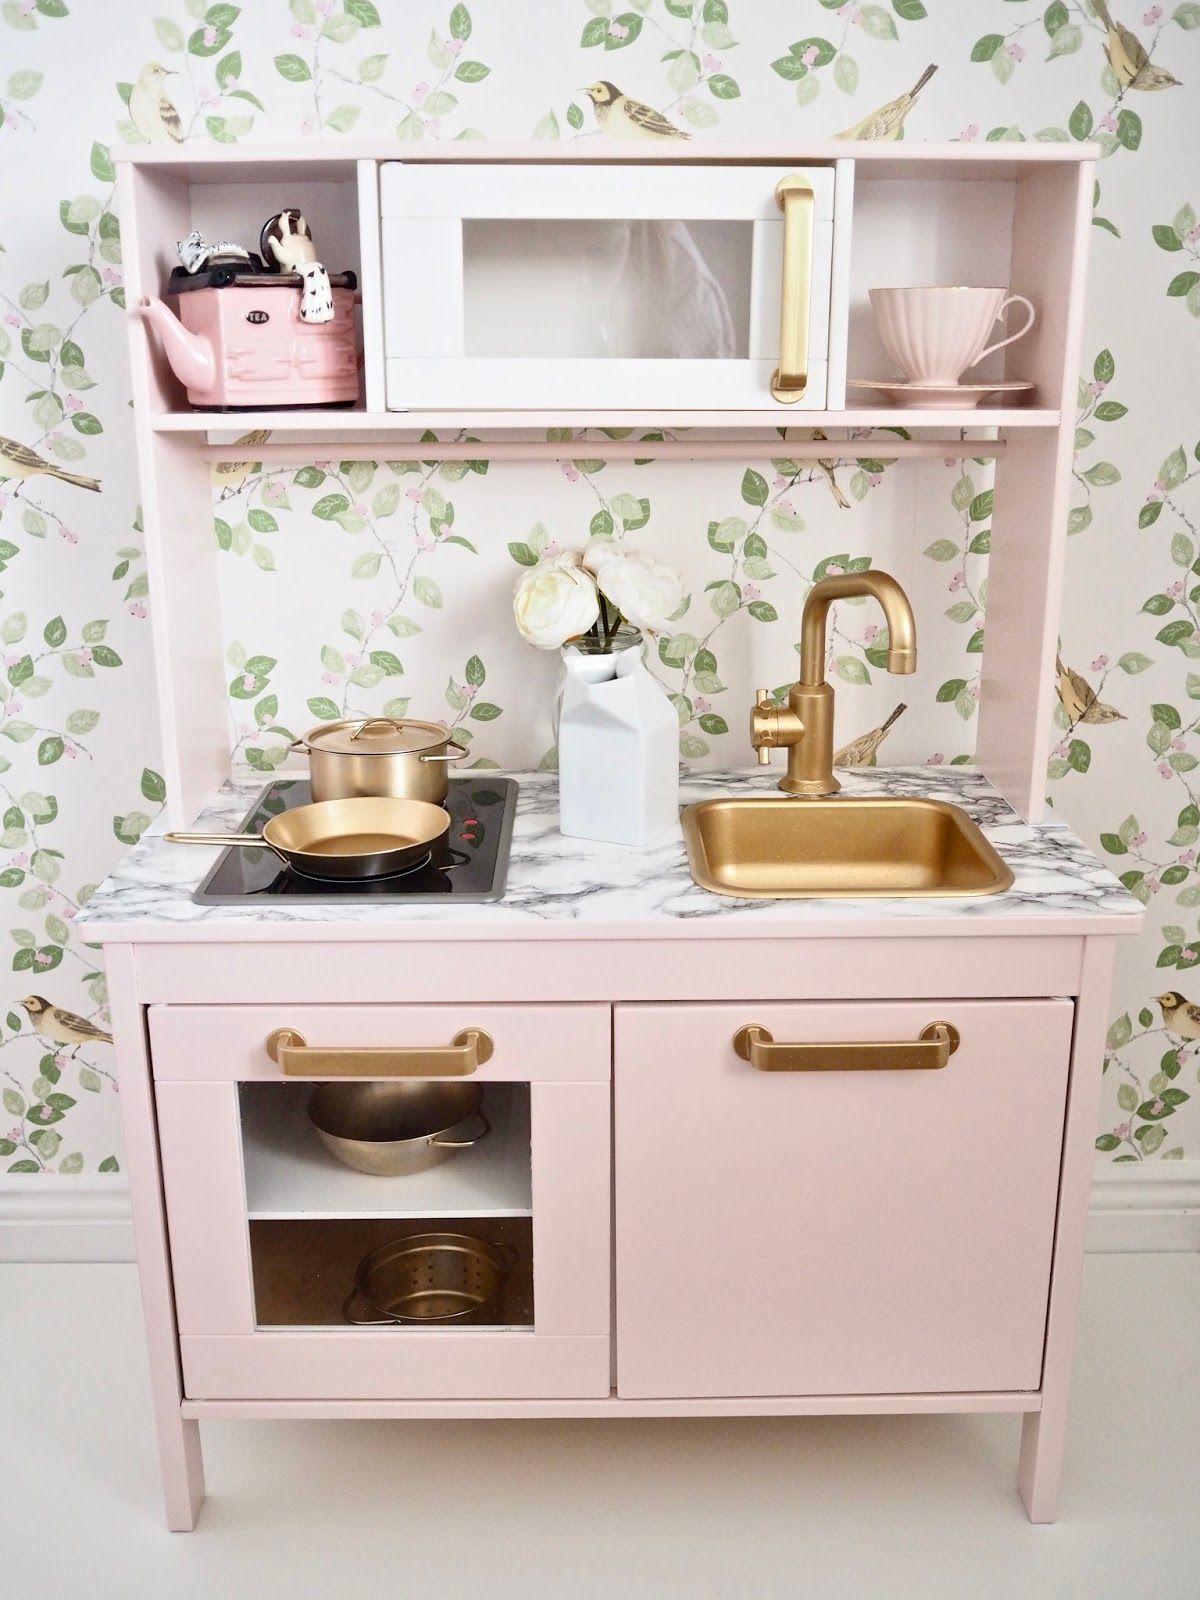 Ikea Duktig play kitchen makeover | Ikea keukentje | Cucina ...